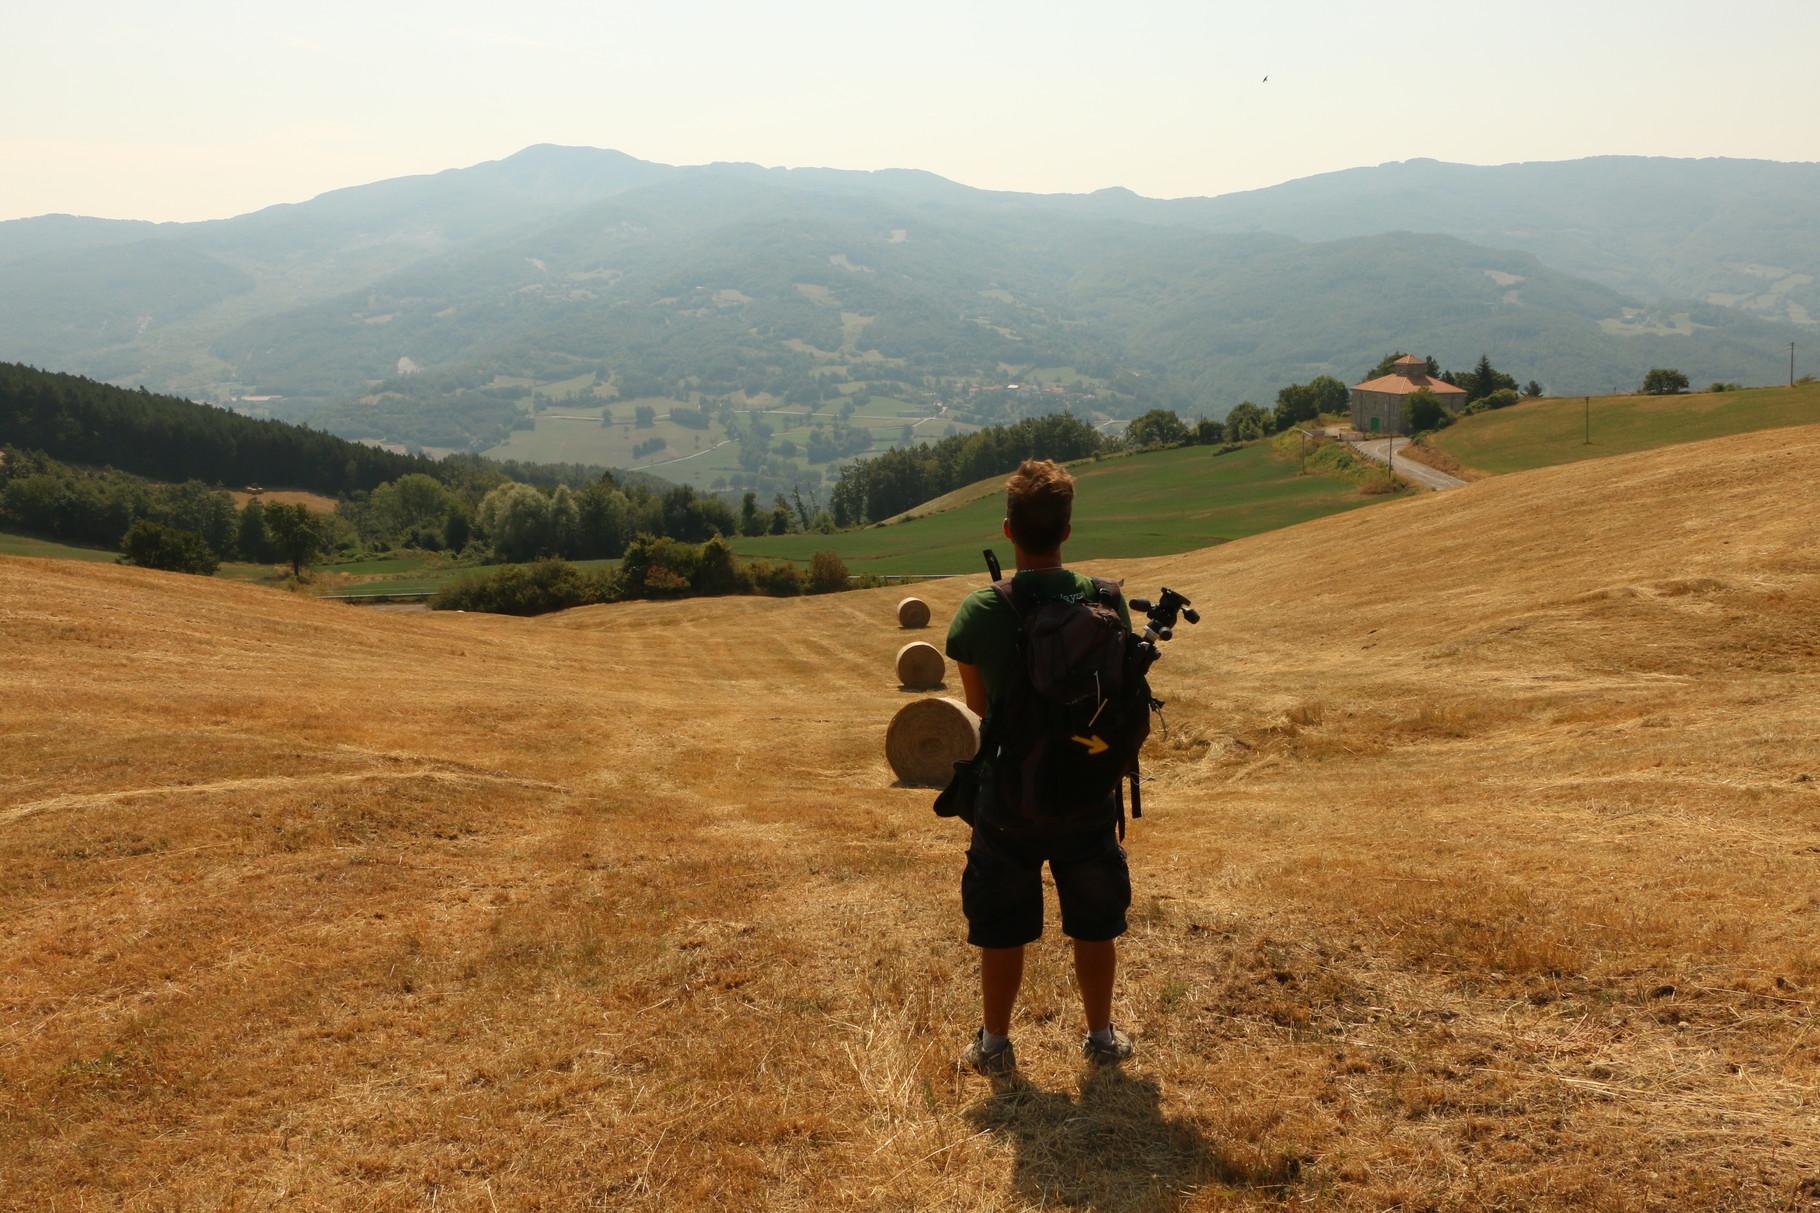 Tappa 21: Cassio - Passo della Cisa | 19 km